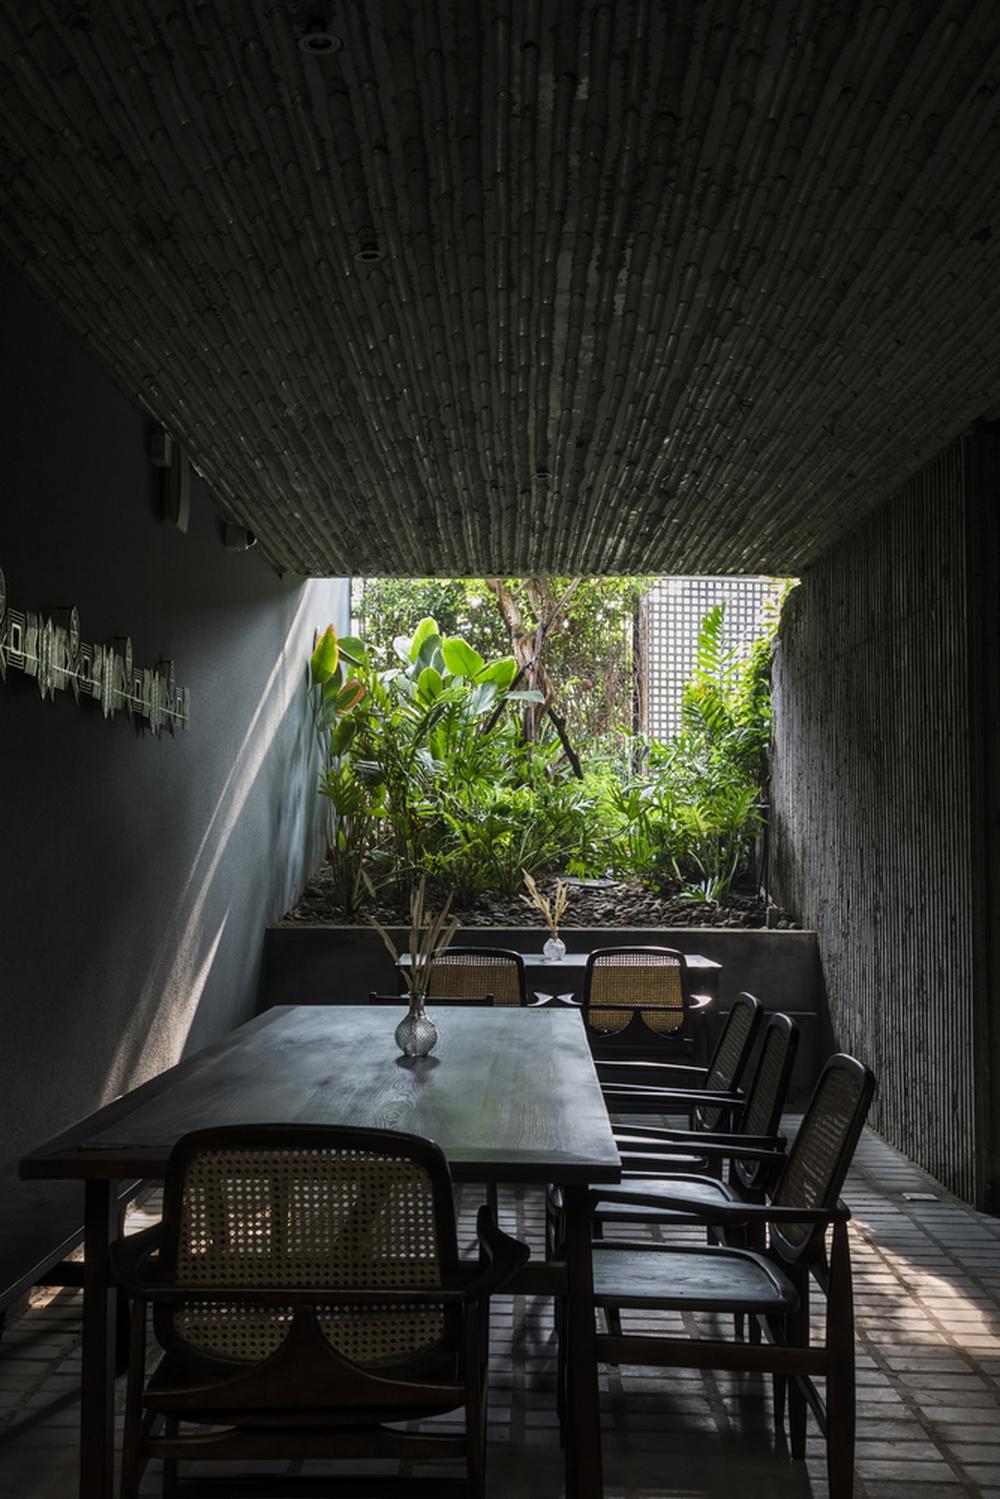 Ngôi nhà gây tò mò dễ sợ trên Xa lộ Hà Nội - Ảnh 4.